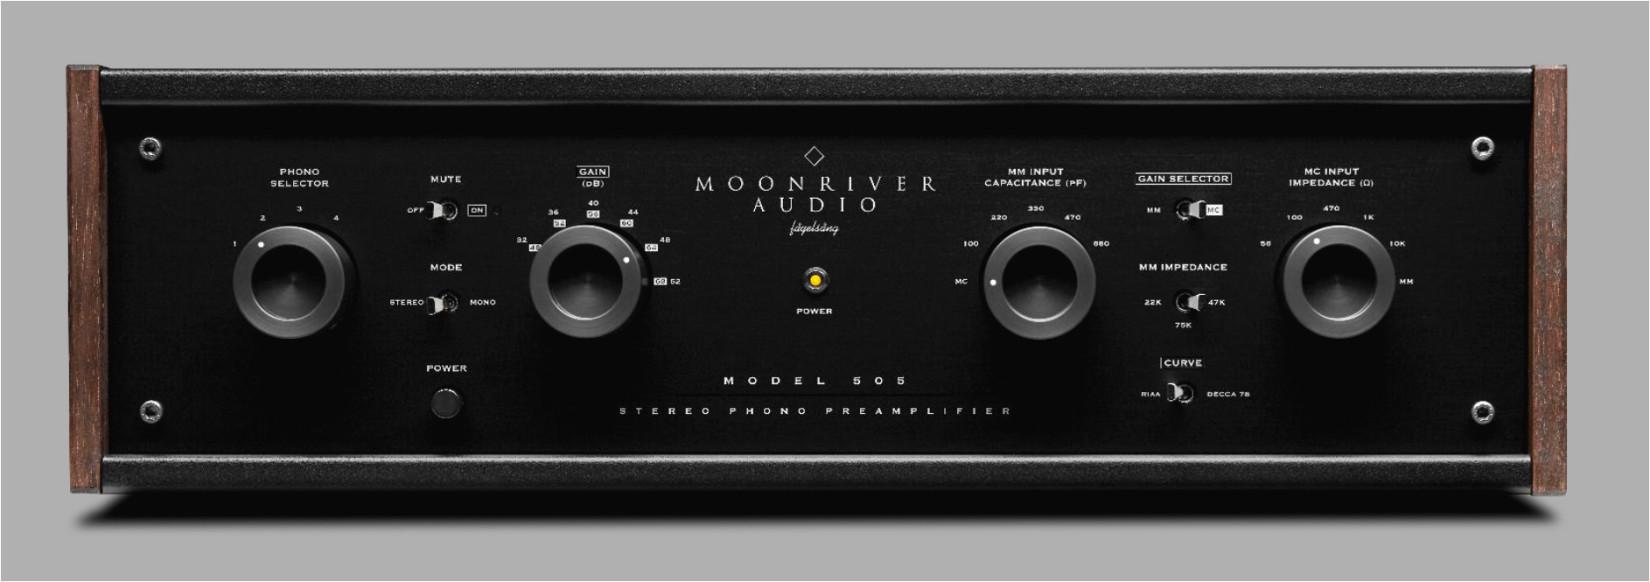 Moonriver-505-2